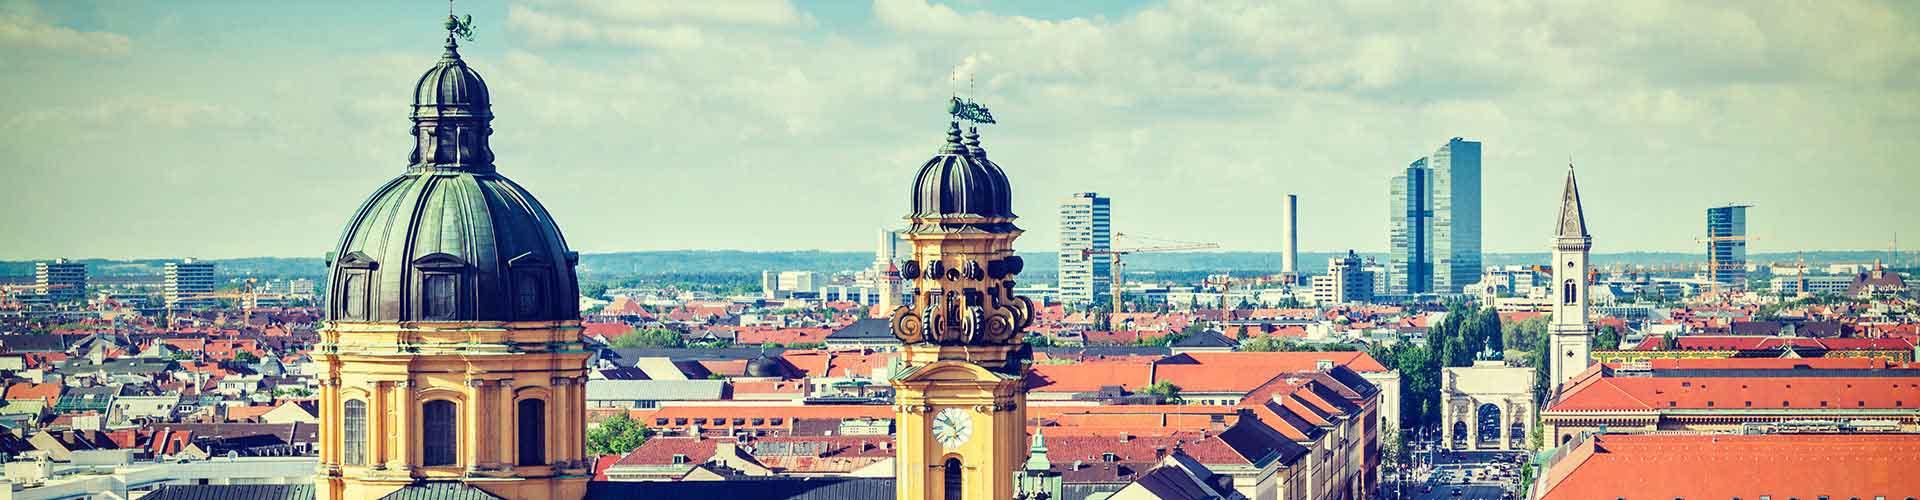 München – Hostels in München. München auf der Karte. Fotos und Bewertungen für jedes Hostel in München.